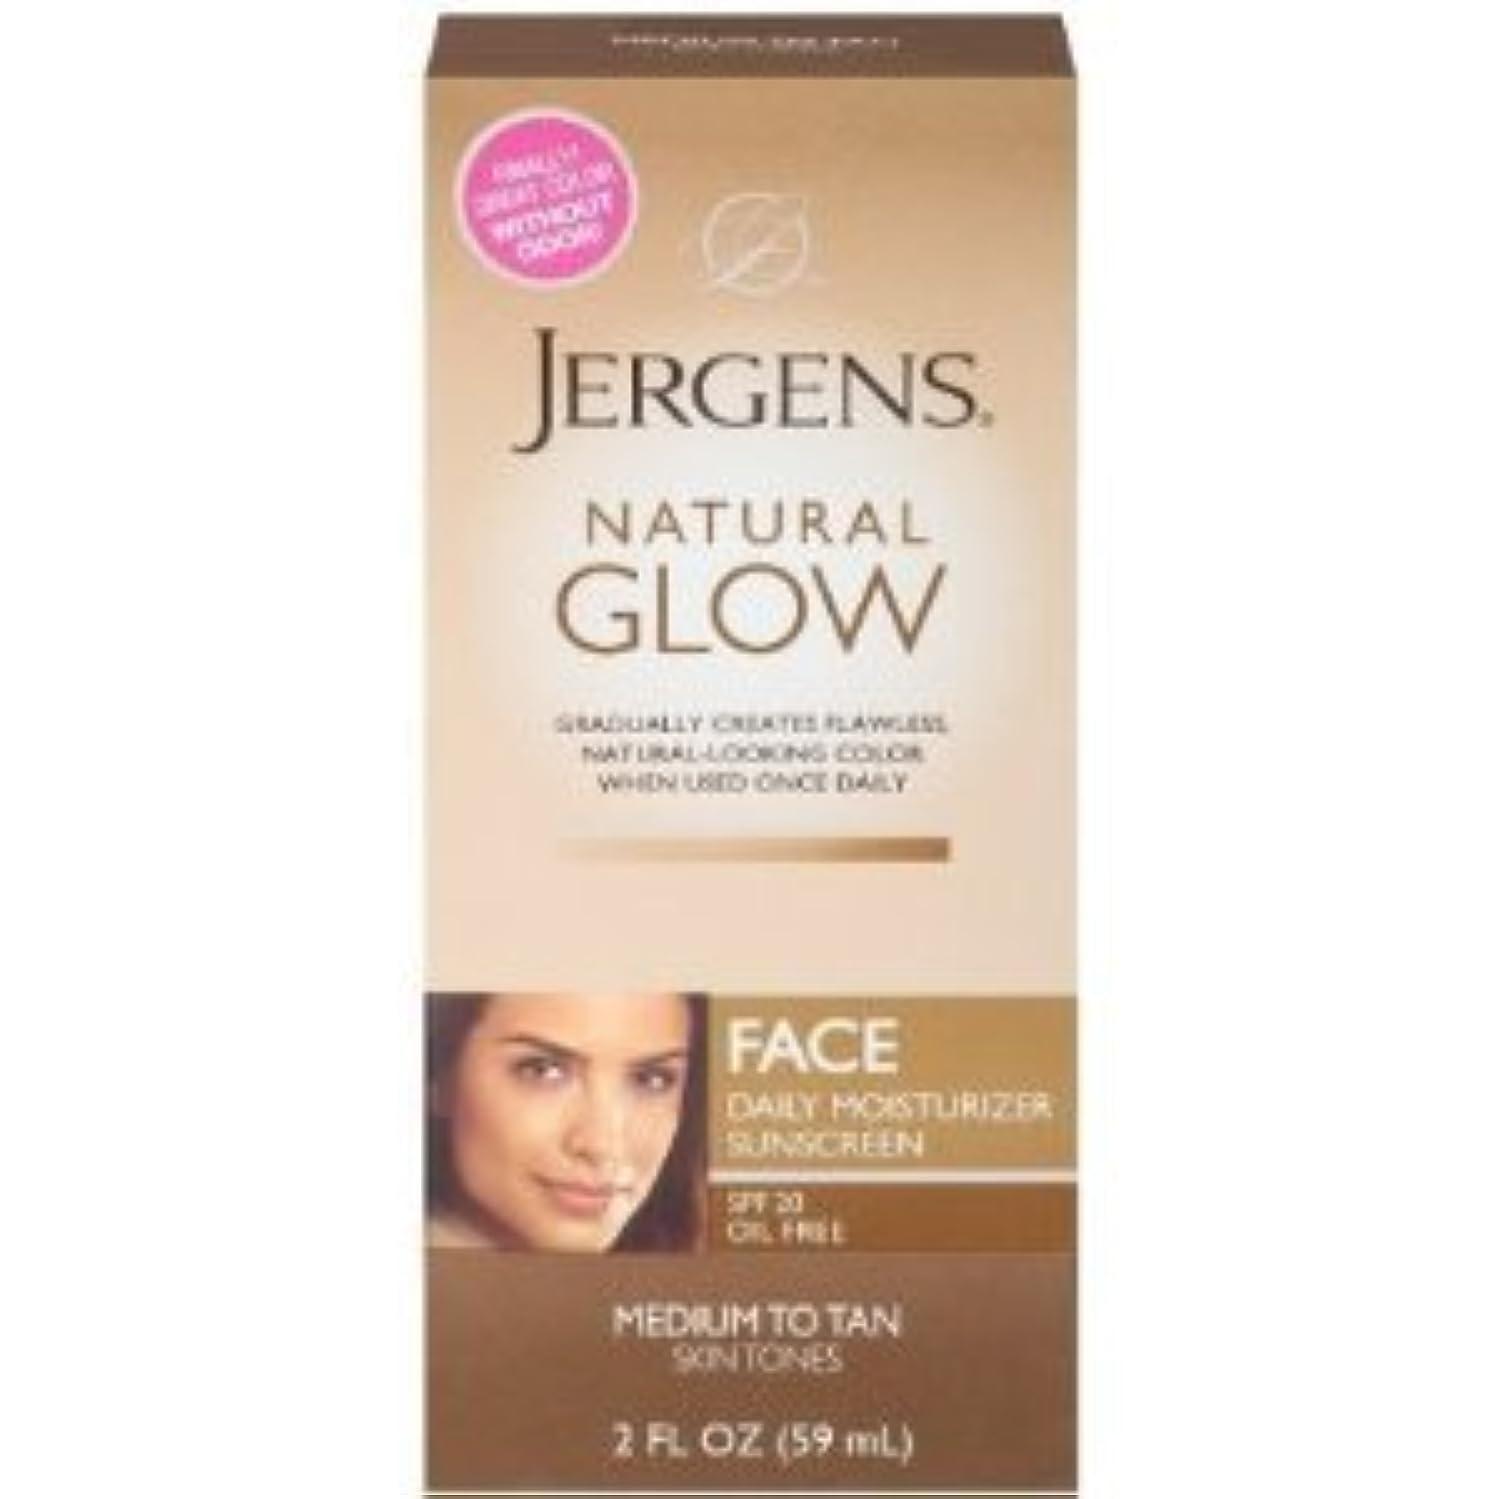 味限定代わりのNatural Glow Healthy Complexion Daily Facial Moisturizer, SPF 20, Medium to Tan, (59ml) (海外直送品)